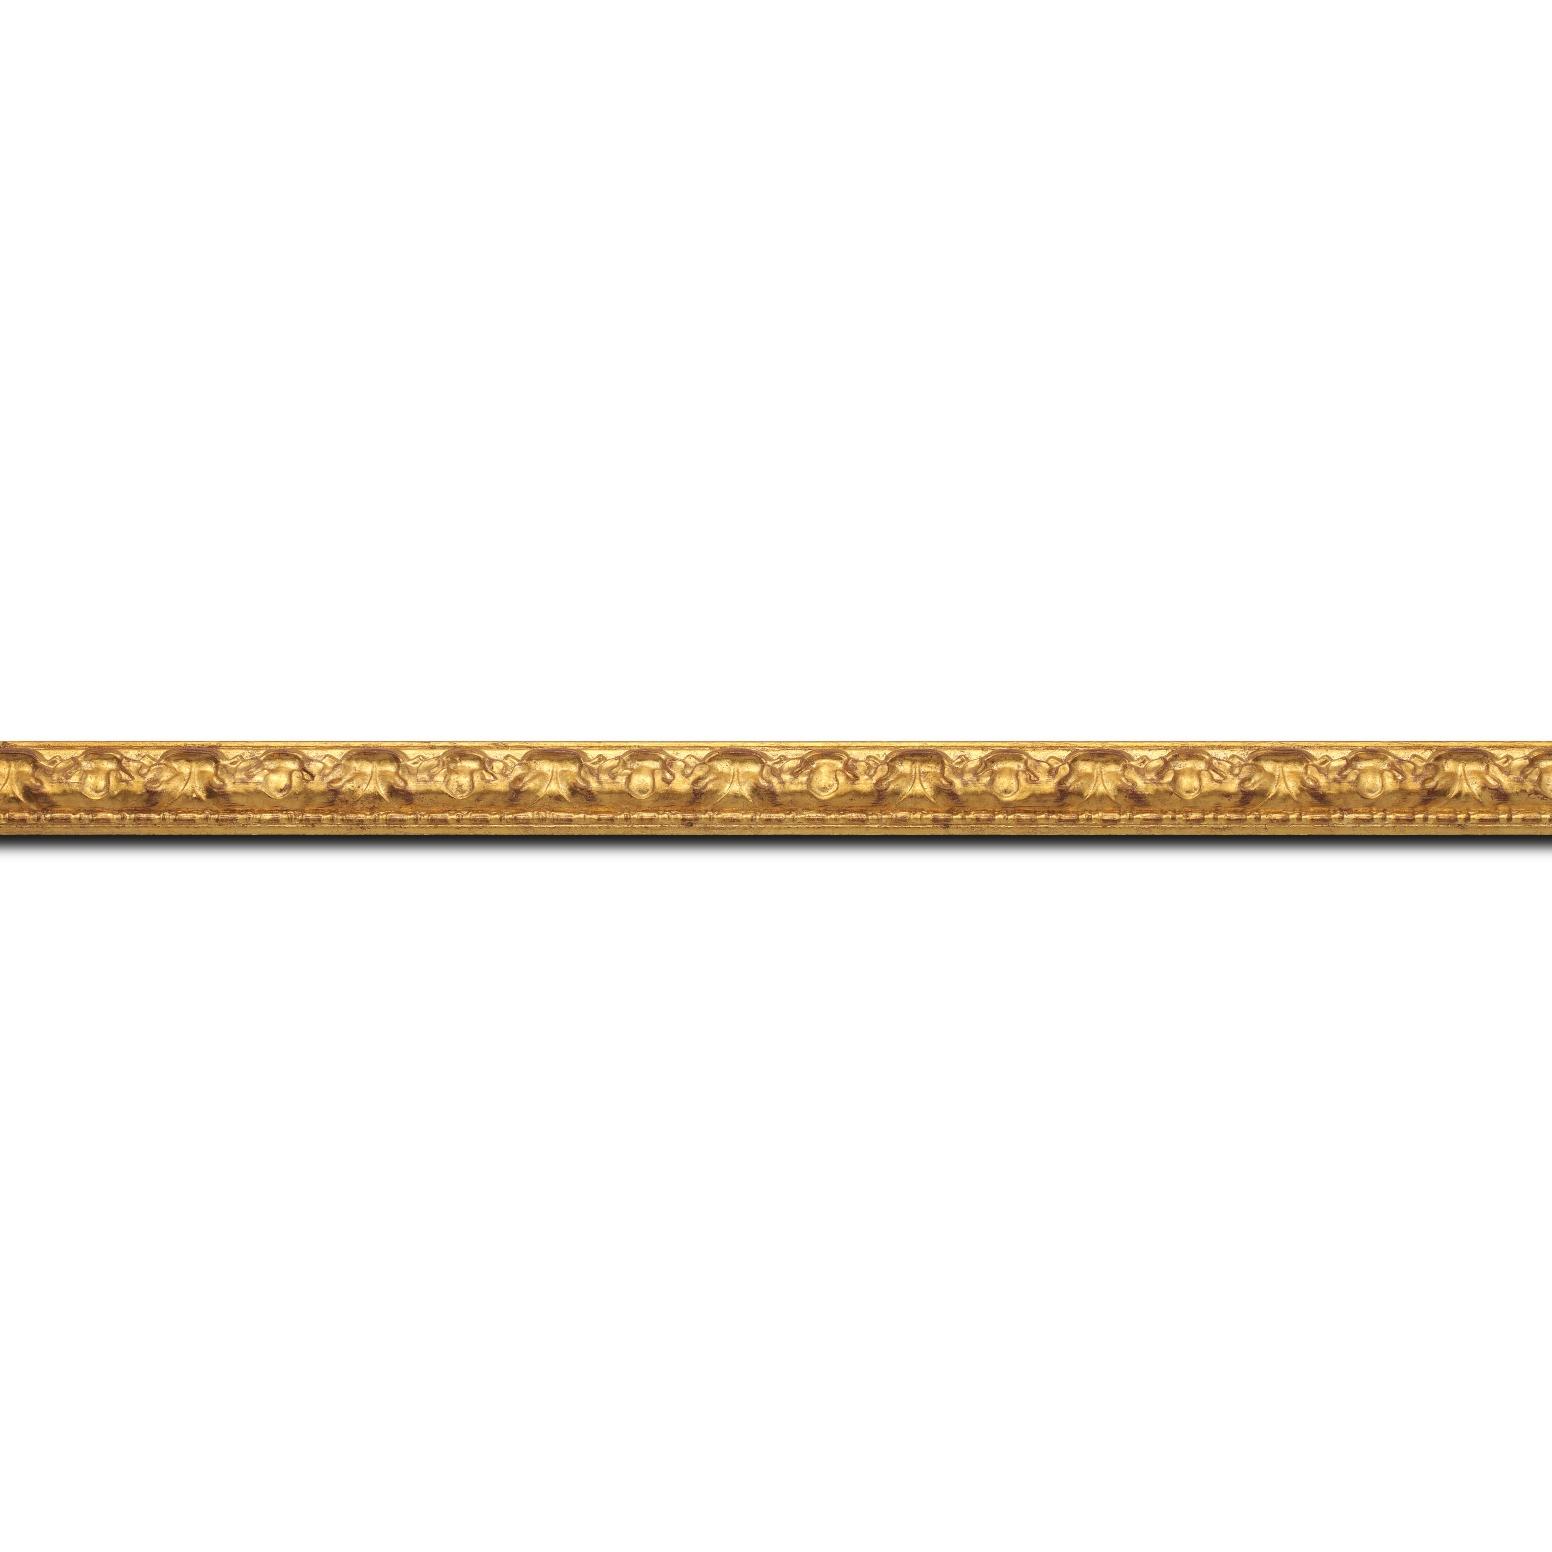 Pack par 12m, bois profil bombé largeur 4cm couleur or patiné (longueur baguette pouvant varier entre 2.40m et 3m selon arrivage des bois)